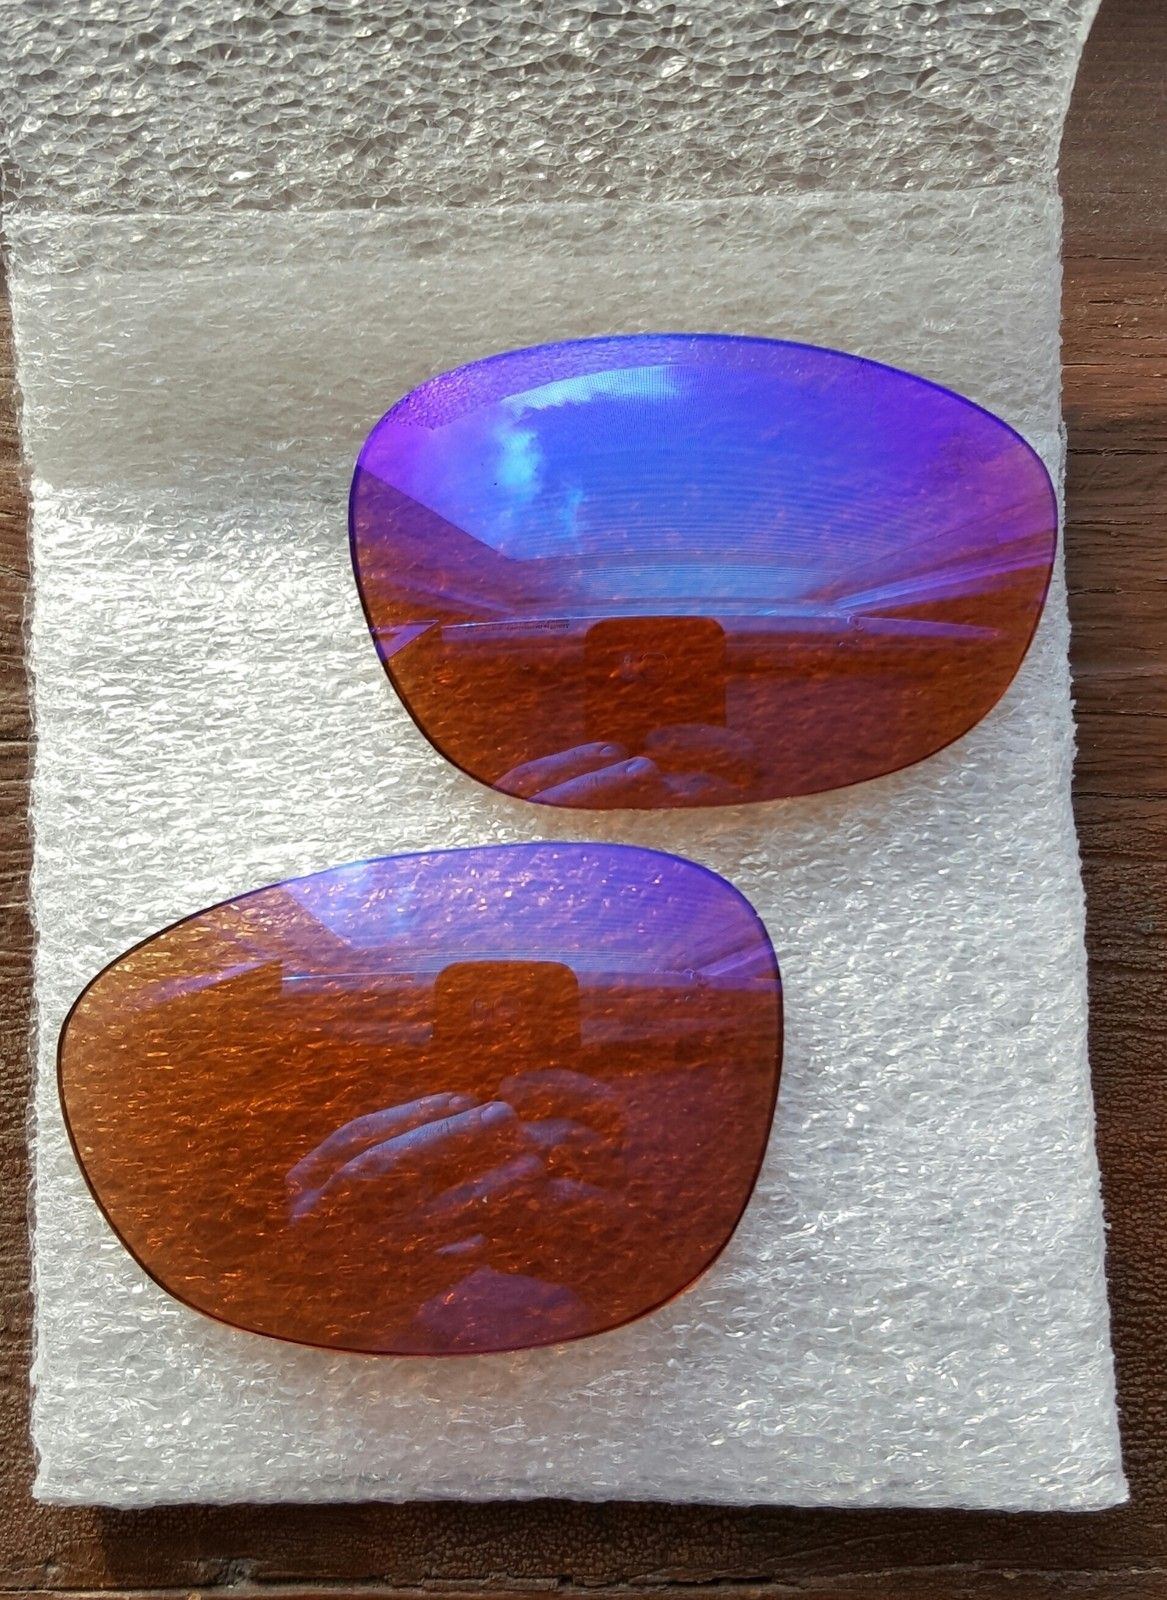 Custom Cut OEM XX Lenses - uploadfromtaptalk1447511175727.jpg